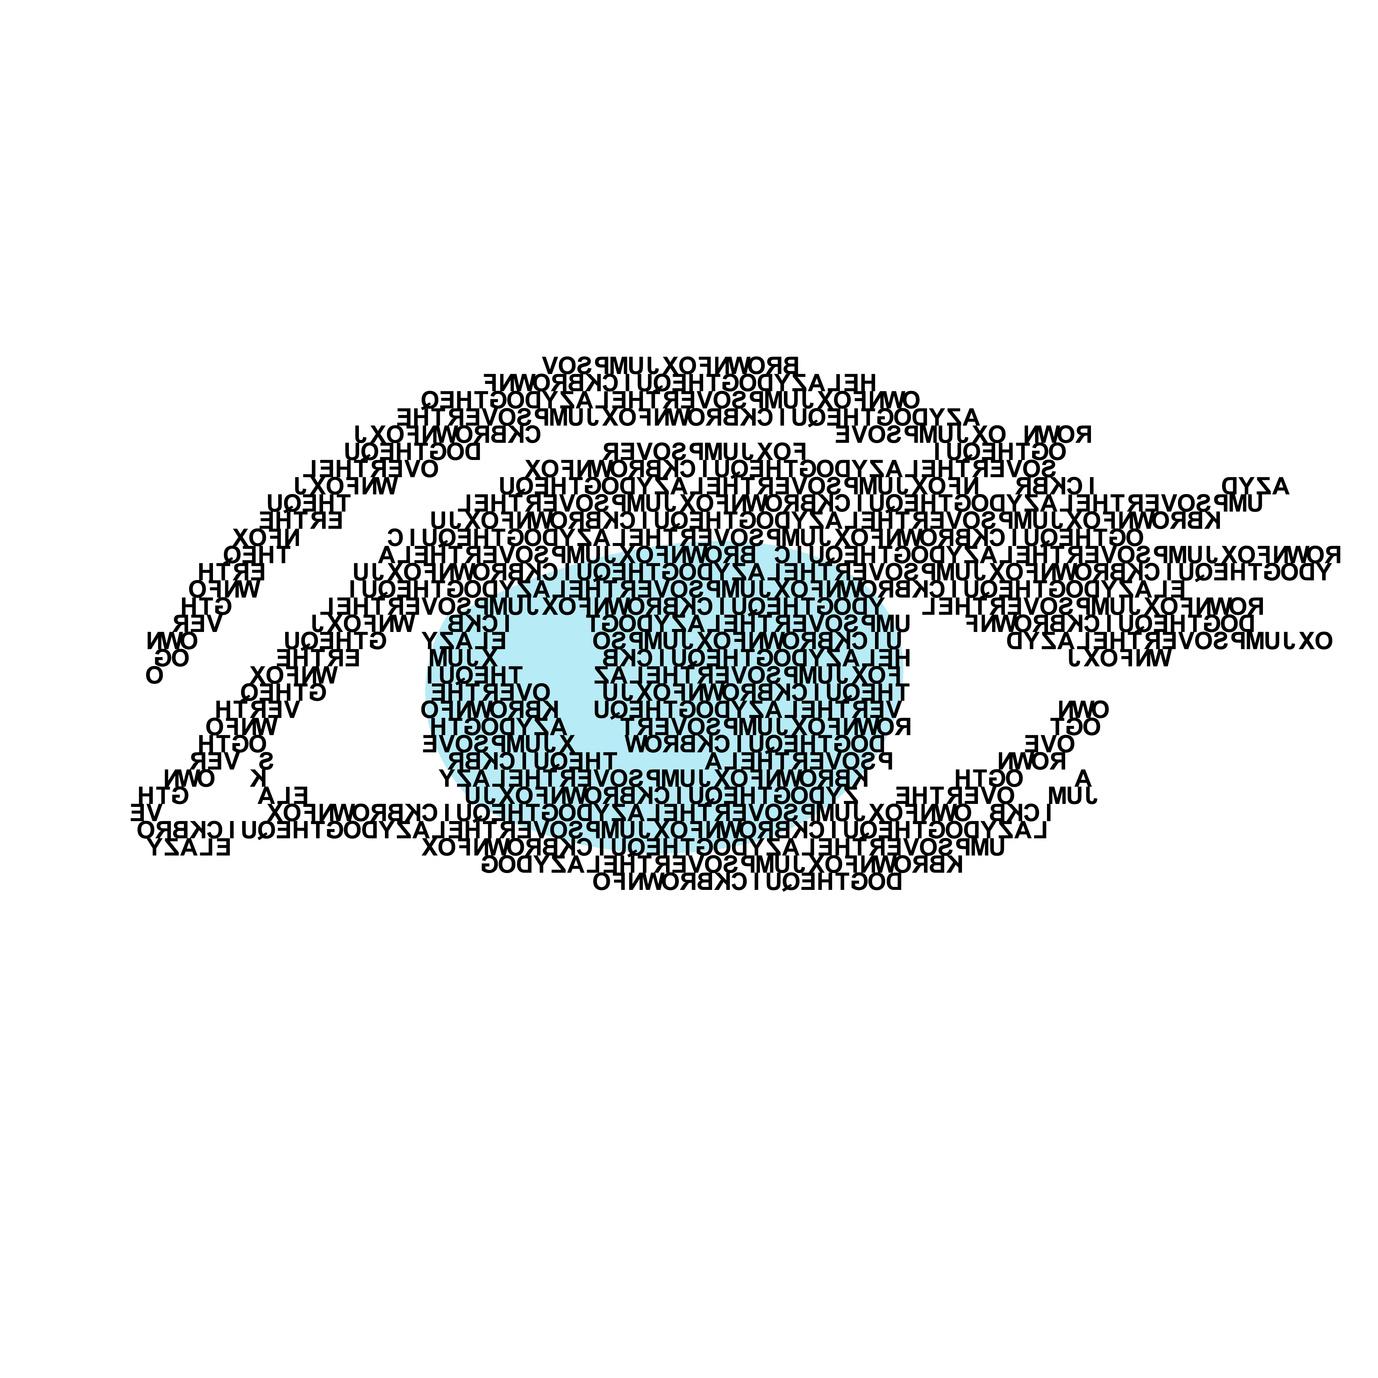 眼科で「乱視ですね」と言われた方、あなたの乱視は角膜乱視?水晶体乱視?